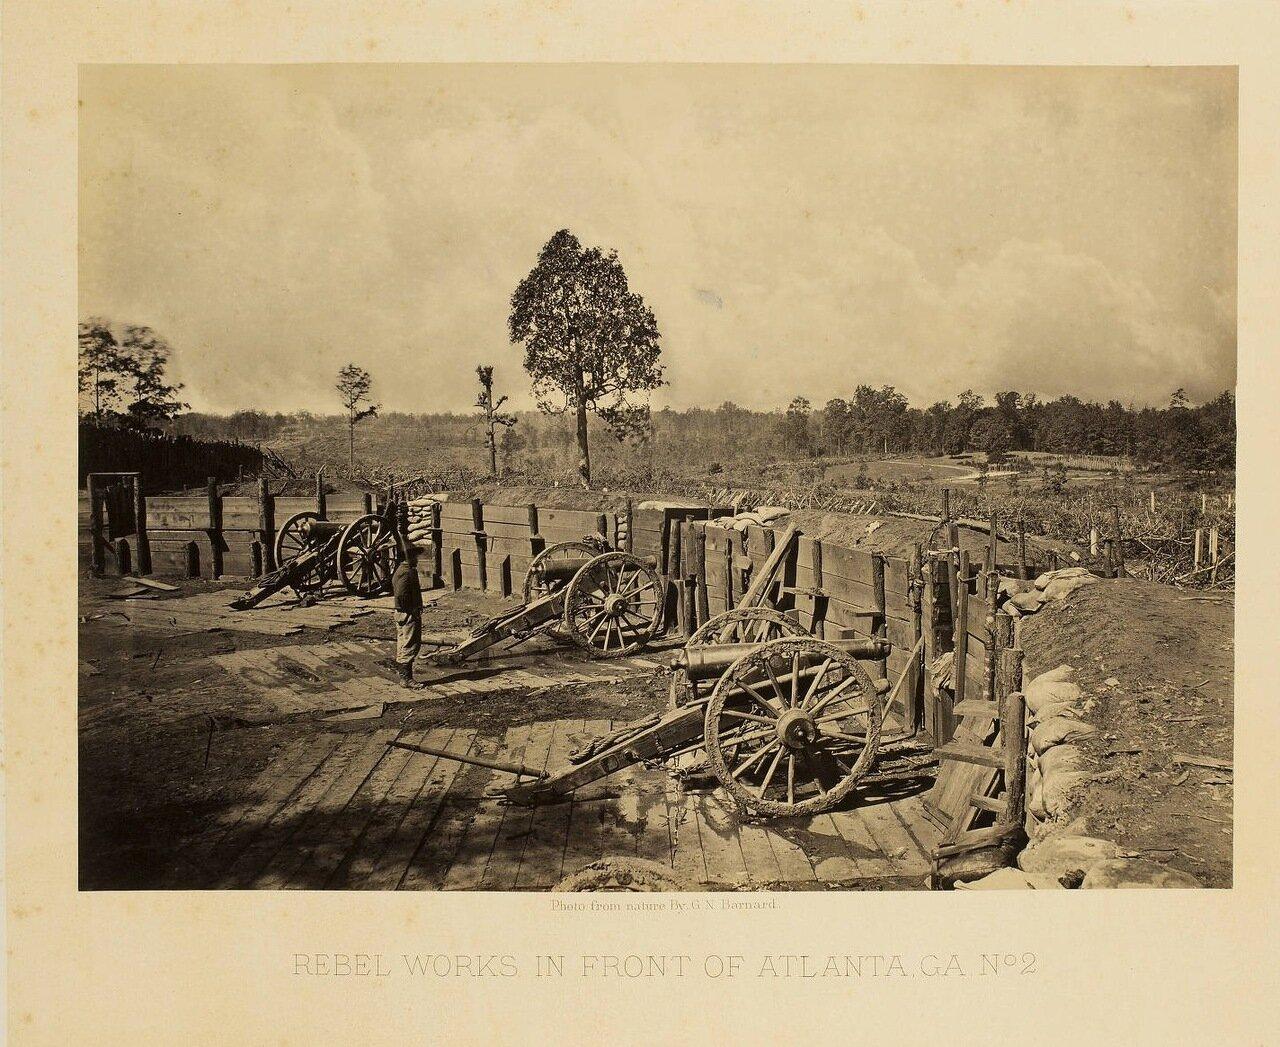 Укрепления южан возле Атланты. №2